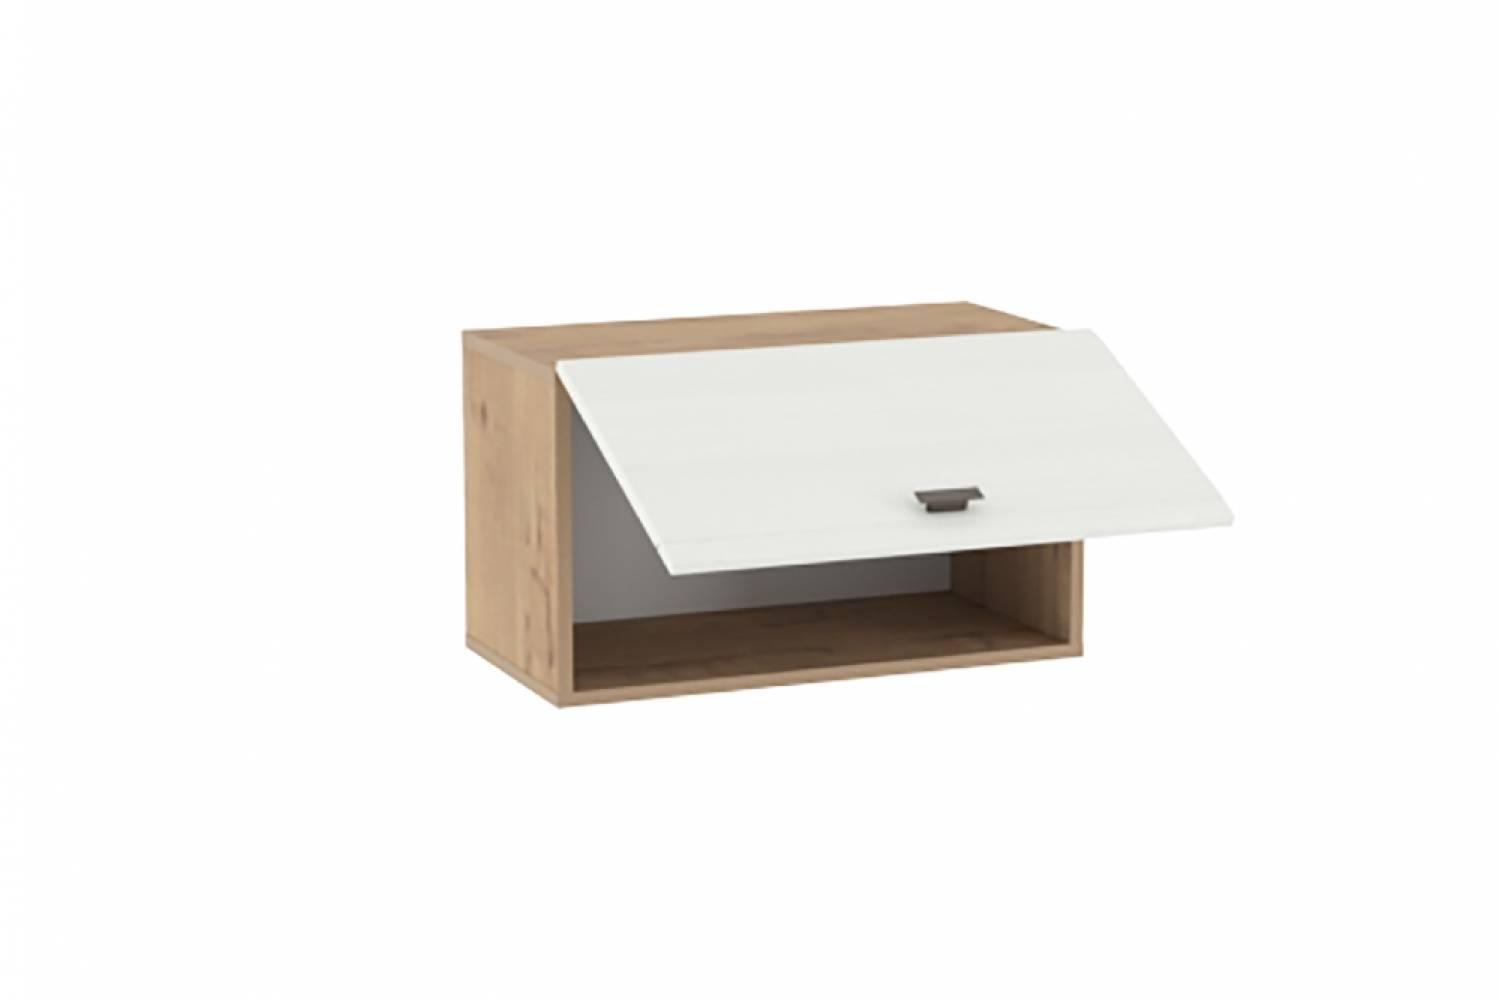 Шкаф навесной (открывание вверх) НМ 014.21-02 SNOW WOOD (Дуб Бунратти/Белое дерево)